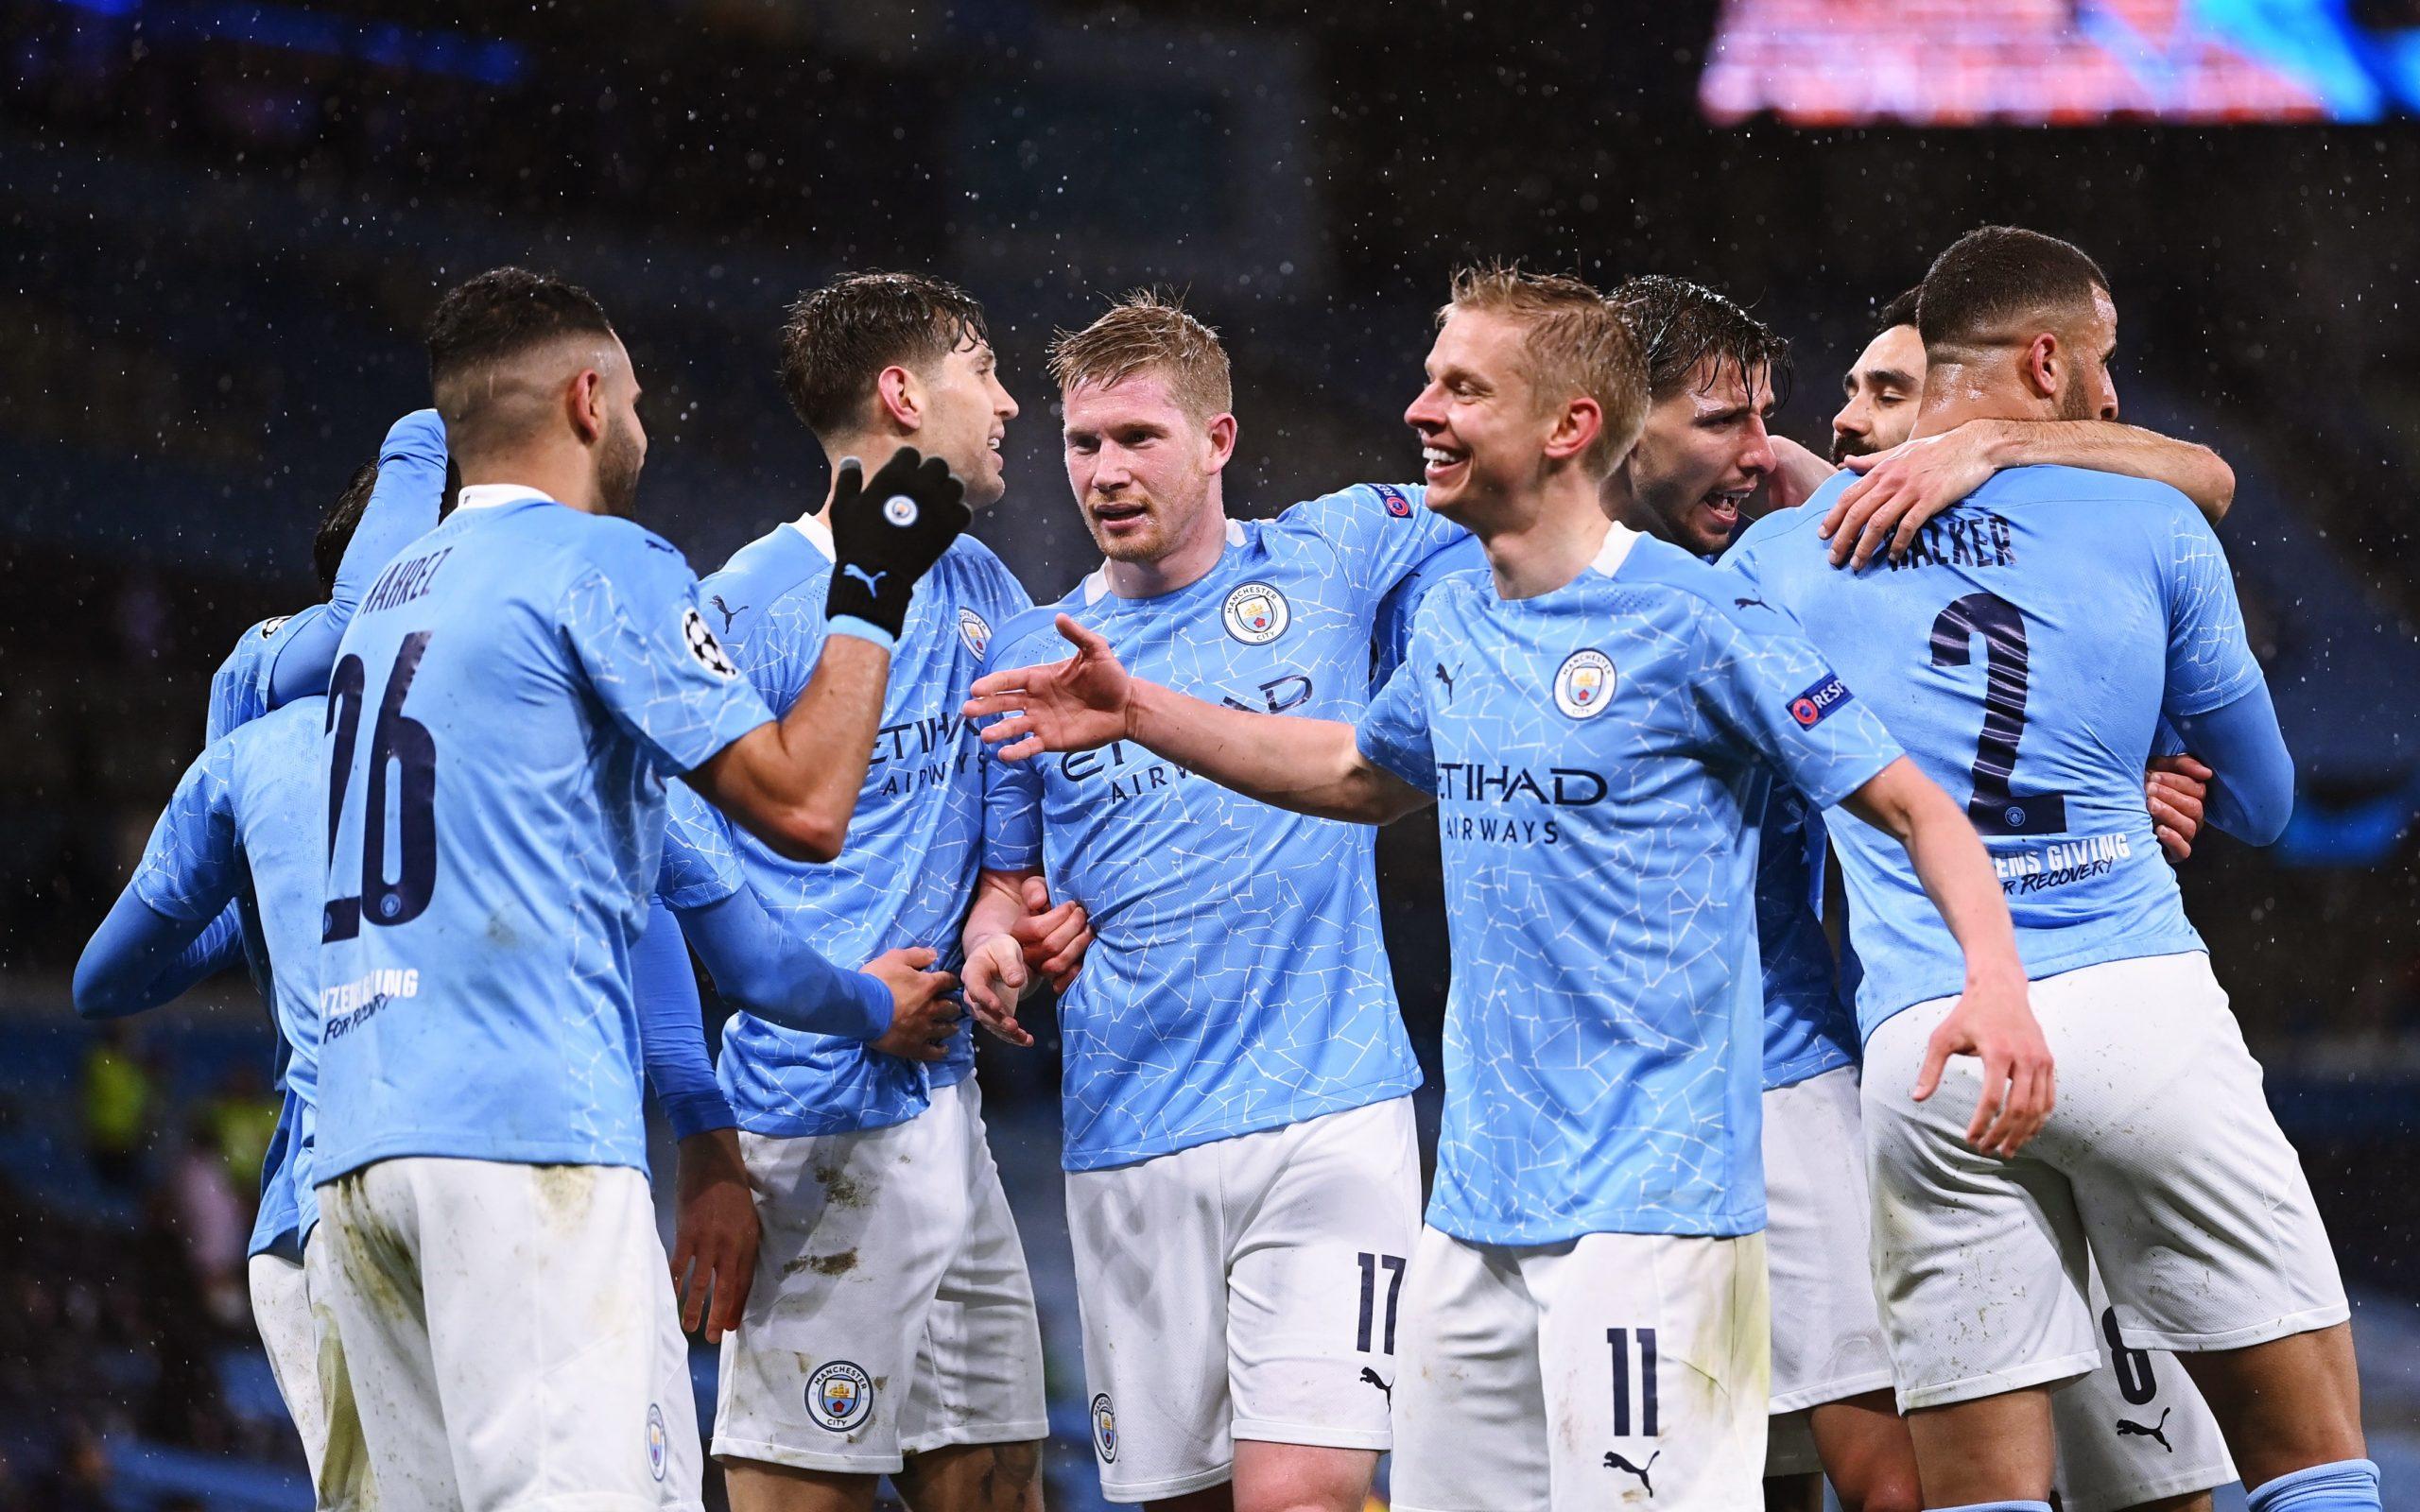 Nhà cái kimsa nhận định trước trận đấu về Manchester City